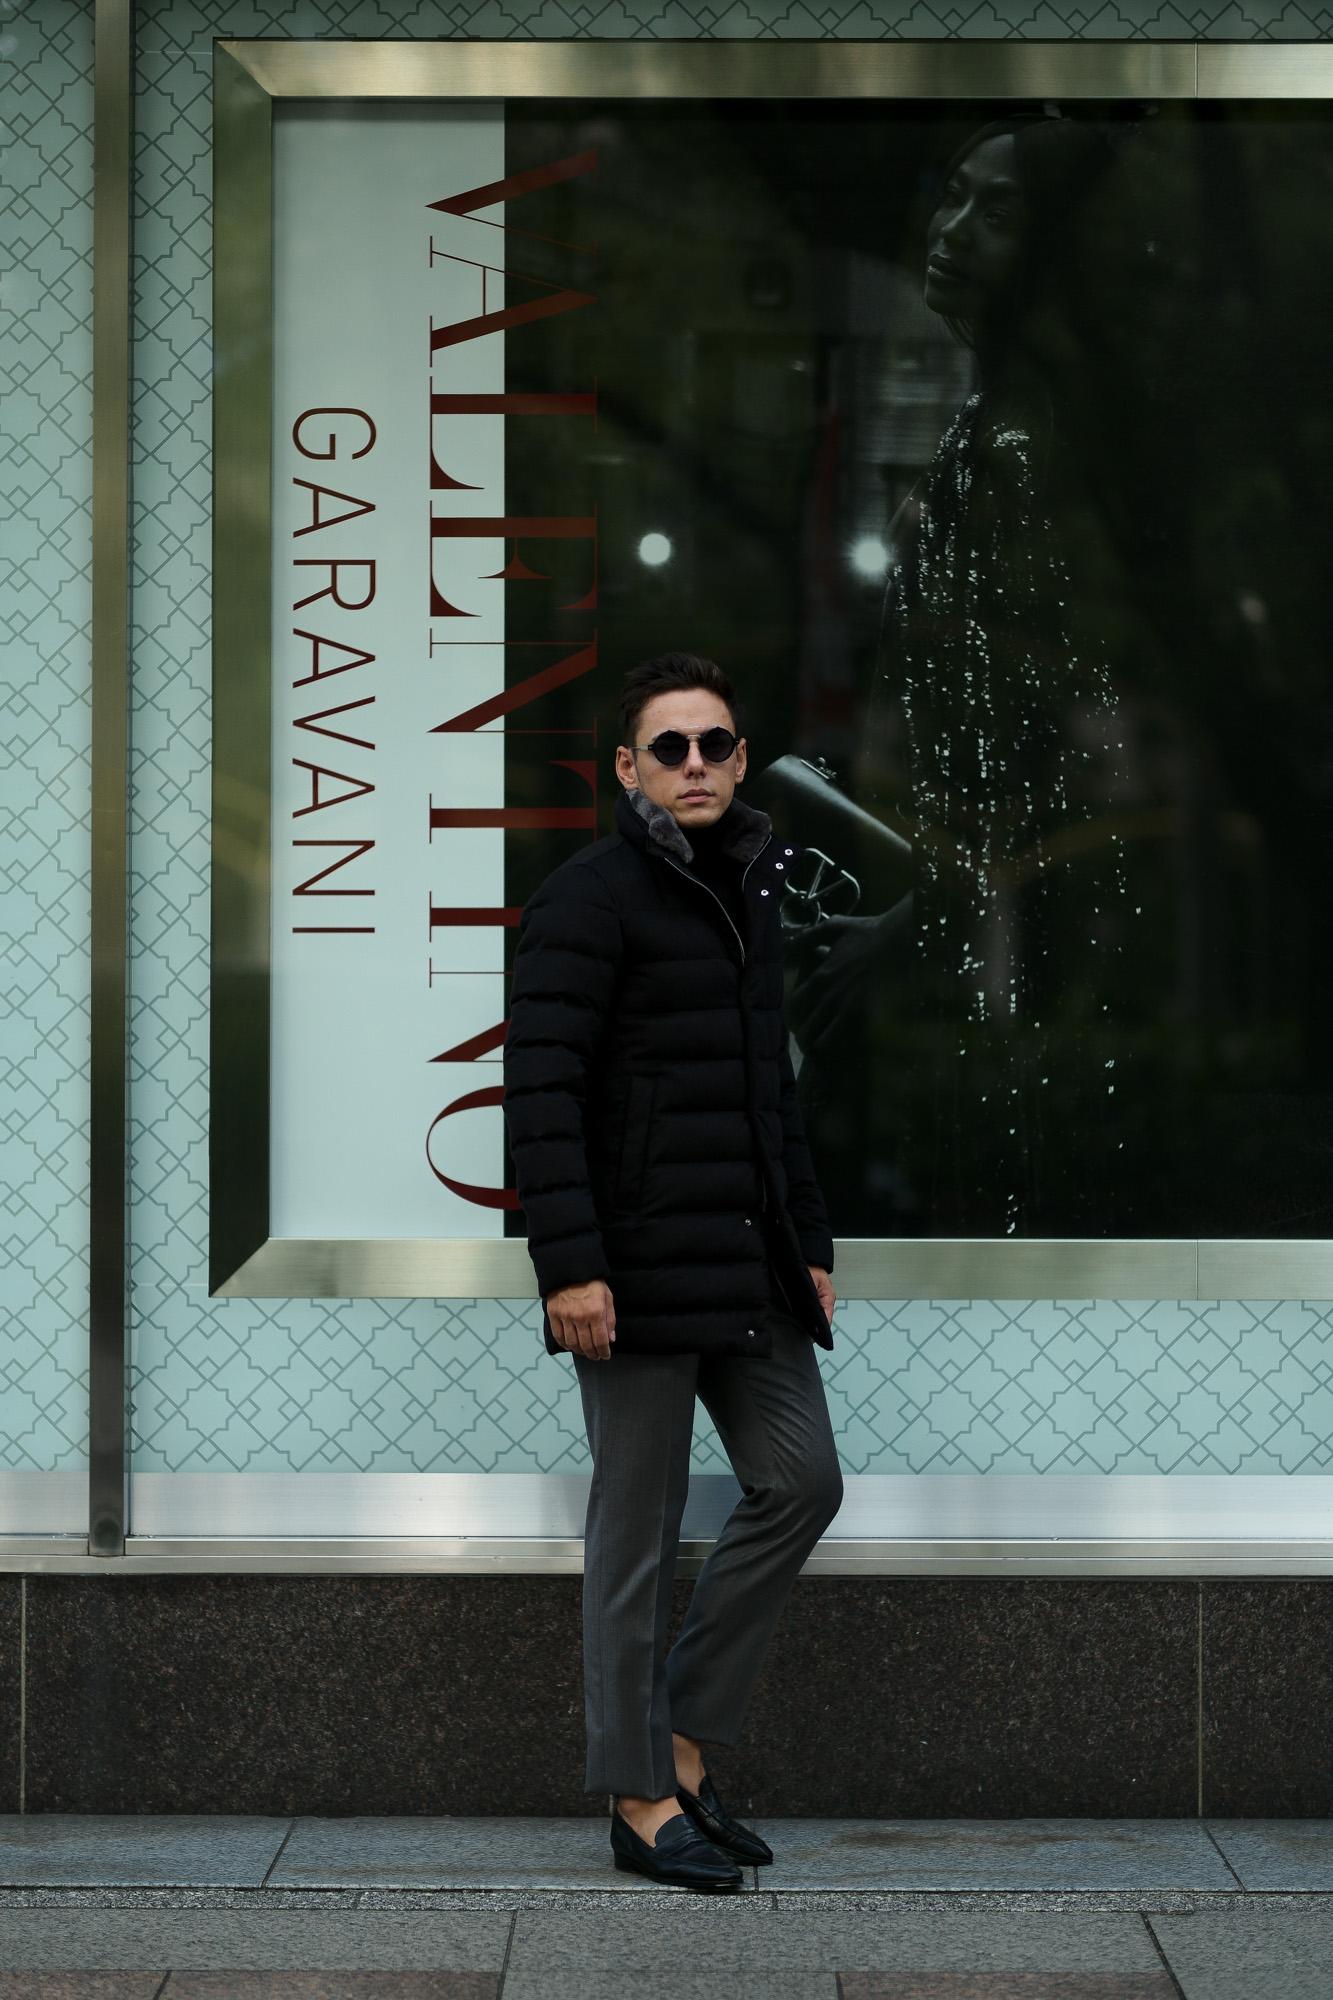 HERNO(ヘルノ) PI0584U Silk Cashmere Down coat (シルク カシミア ダウン コート) PIACENZA (ピアツェンツァ) DROP GLIDE NYLON ULTRALIGHT 撥水 シルク カシミア ダウン コート BLACK (ブラック・9300) Made in italy (イタリア製) 2019 秋冬新作 alto e dirittoアルトエデリット 42,44,46,48,50,52 愛知 名古屋